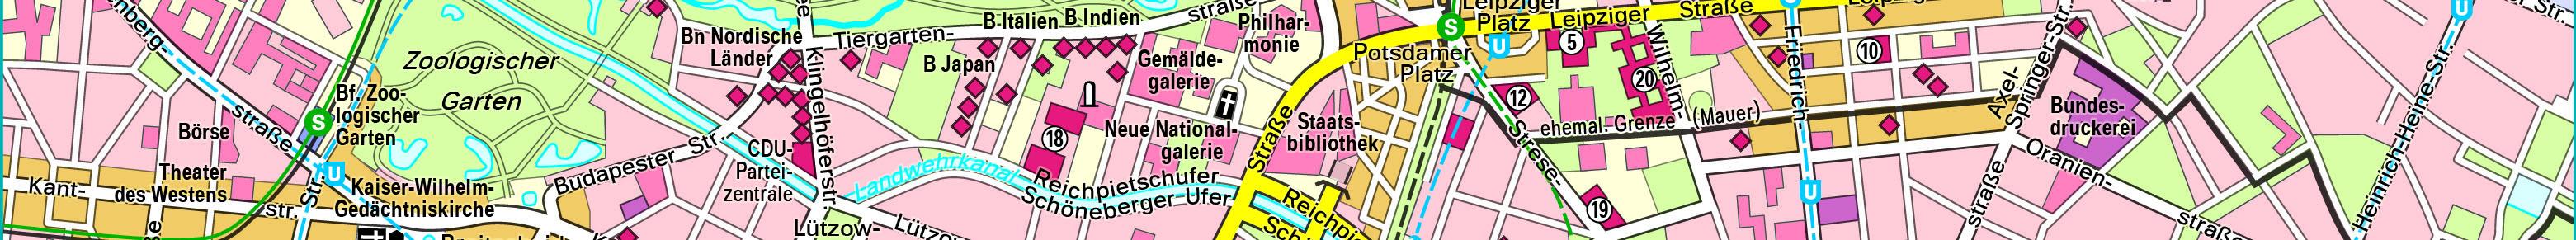 Workshop Schulkartographie @ Staatsbibliothek zu Berlin